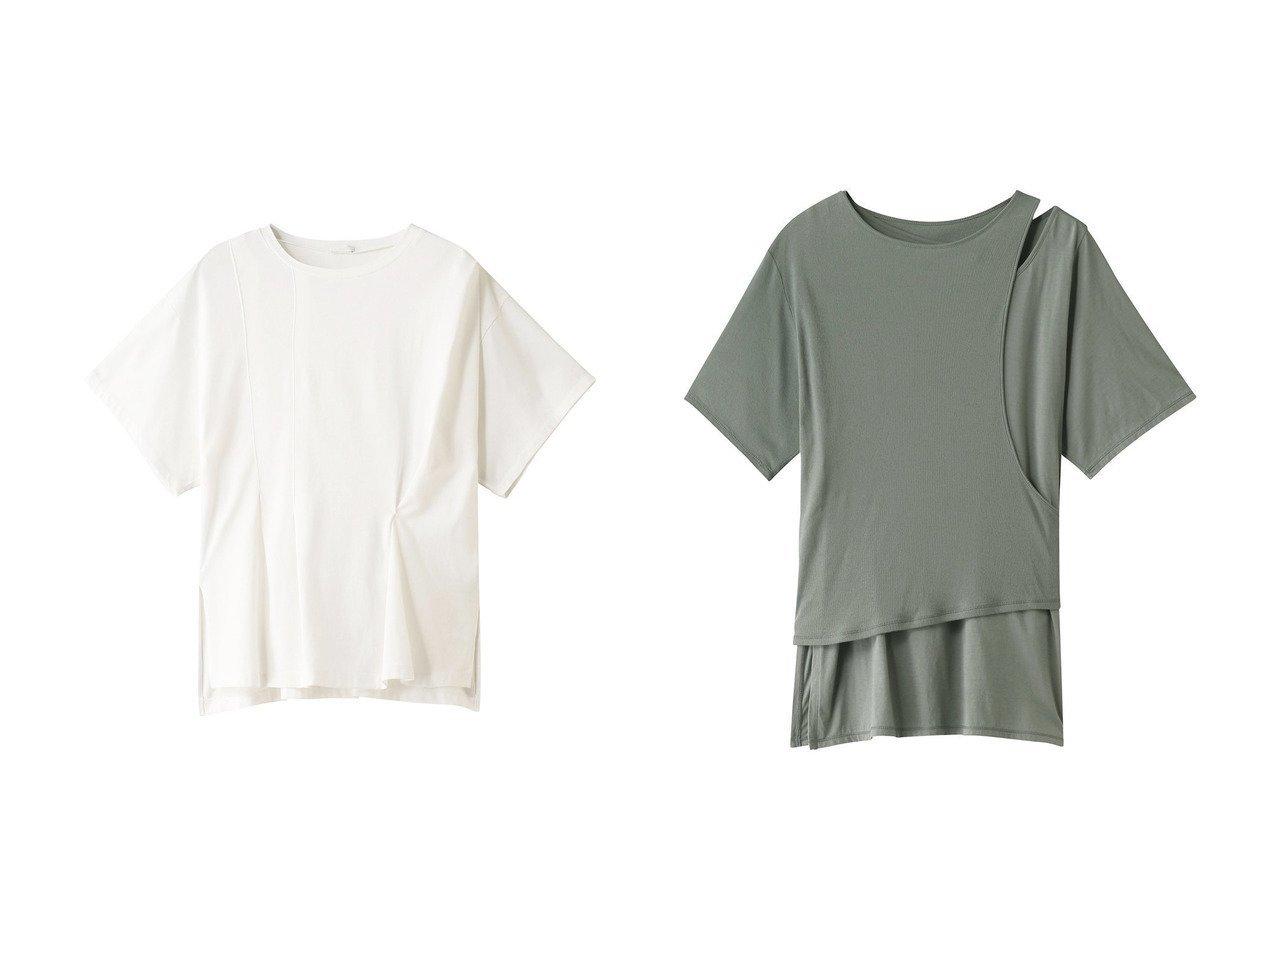 【RITO/リト】のコットンジャージータックTシャツ&コットンジャージーレイヤードTシャツ RITOのおすすめ!人気、トレンド・レディースファッションの通販 おすすめで人気の流行・トレンド、ファッションの通販商品 メンズファッション・キッズファッション・インテリア・家具・レディースファッション・服の通販 founy(ファニー) https://founy.com/ ファッション Fashion レディースファッション WOMEN トップス Tops Tshirt シャツ/ブラウス Shirts Blouses ロング / Tシャツ T-Shirts カットソー Cut and Sewn 2021年 2021 2021 春夏 S/S SS Spring/Summer 2021 S/S 春夏 SS Spring/Summer ショート シンプル スリーブ ベーシック 定番 Standard 春 Spring |ID:crp329100000019488